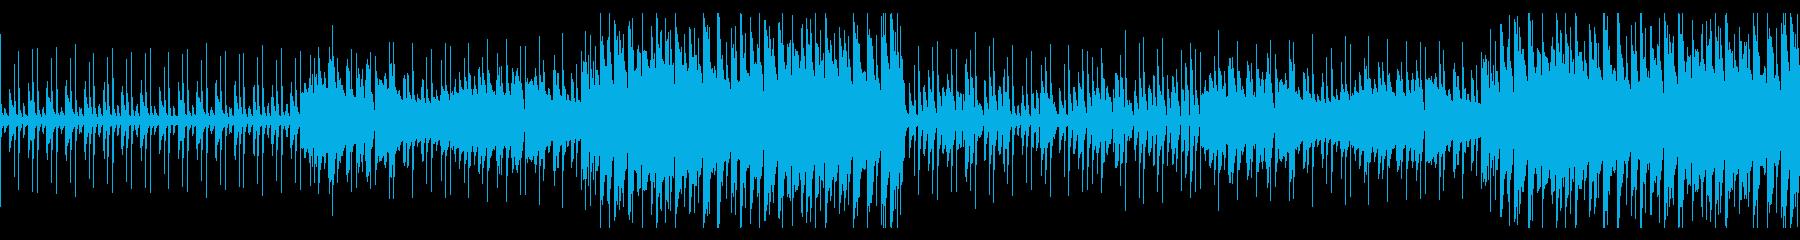 切なく感情的に高まるバイオリンBGM の再生済みの波形